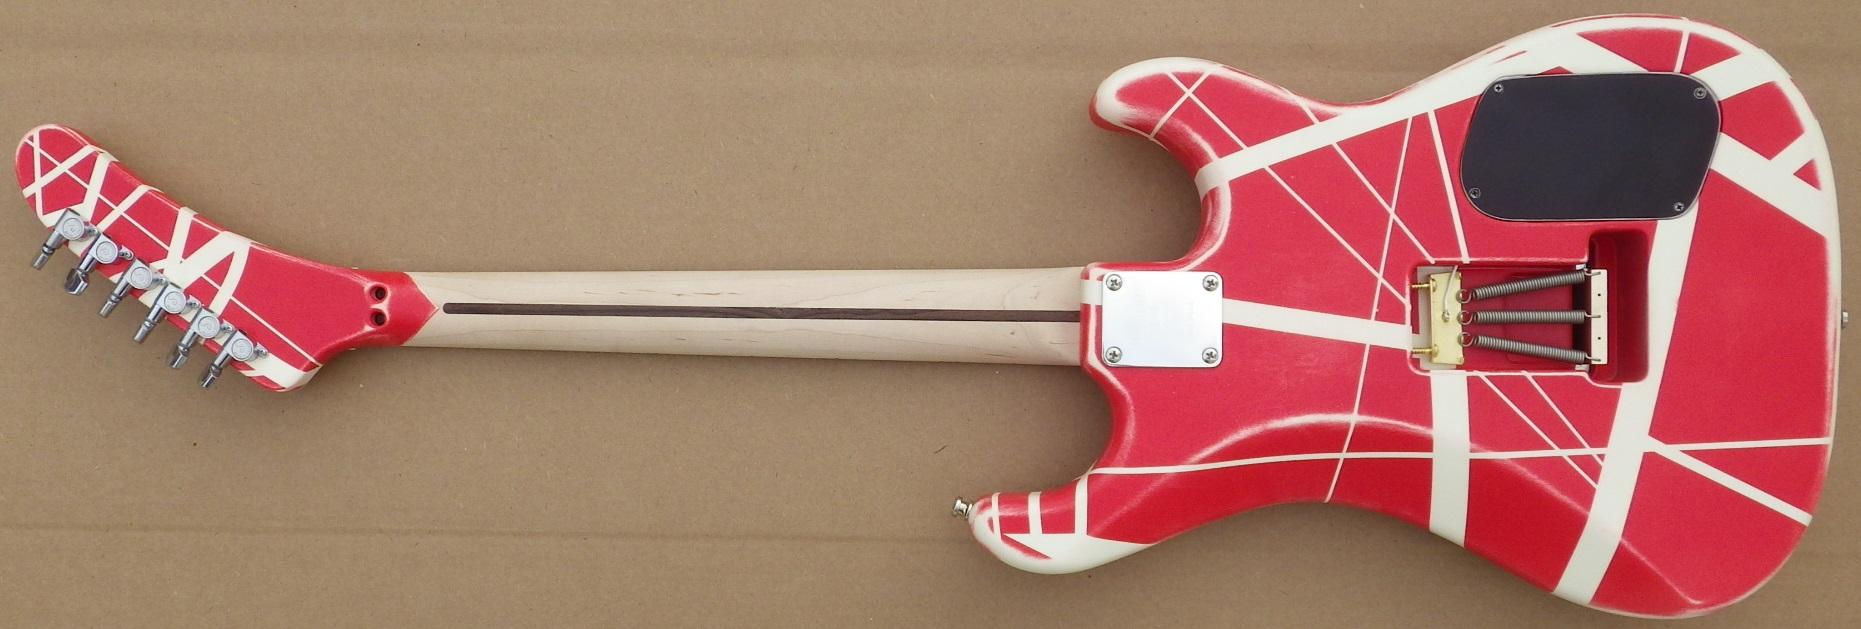 Mean Street paint job over GMW guitar Hot For Teacher Juan D pic 4.jpg